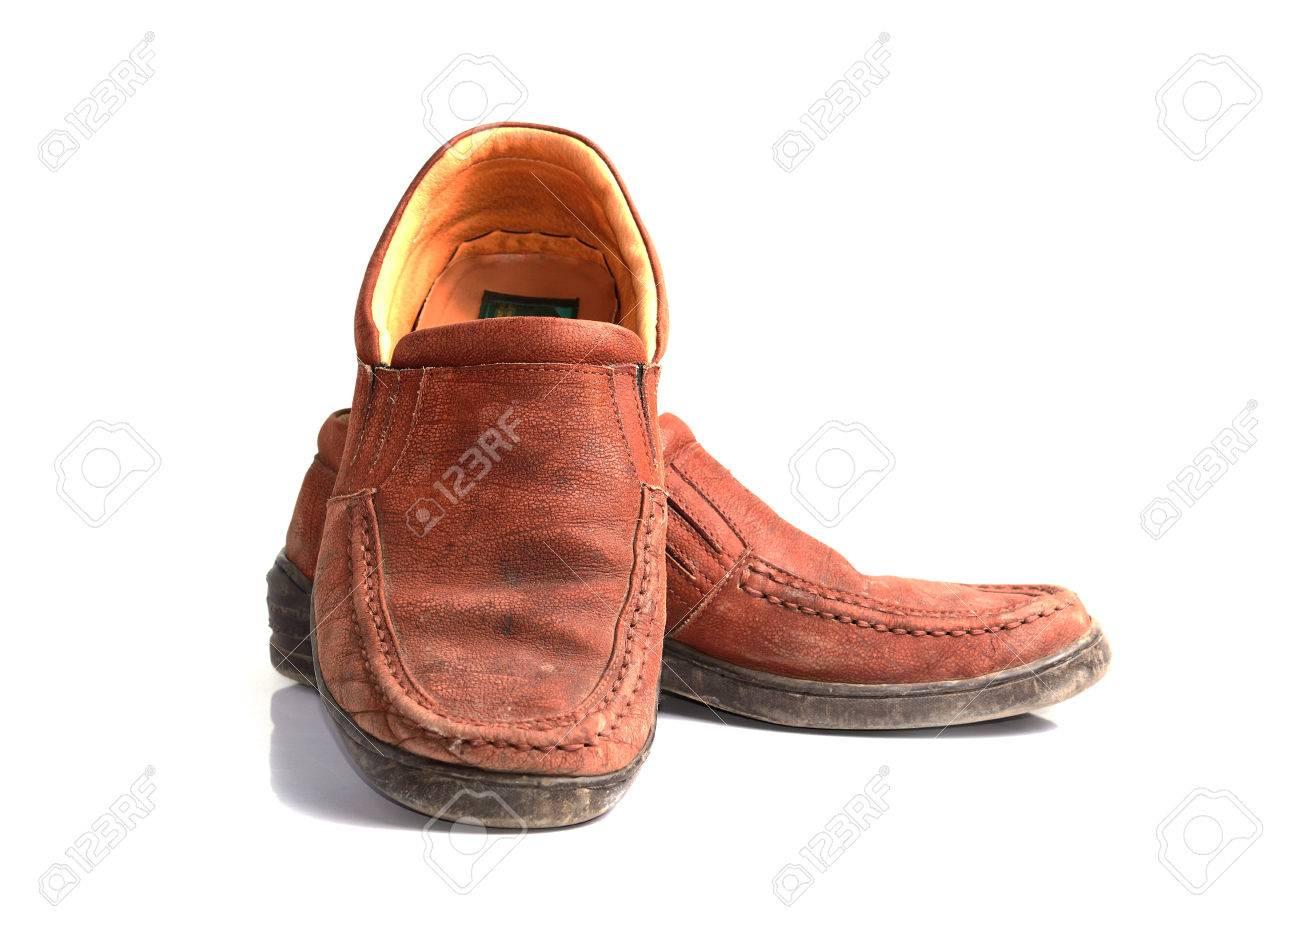 34ff3e03e11 Marrón Hombres De De Con Los Cuero Zapatos Para De Madera Camillas wqXHE4BH